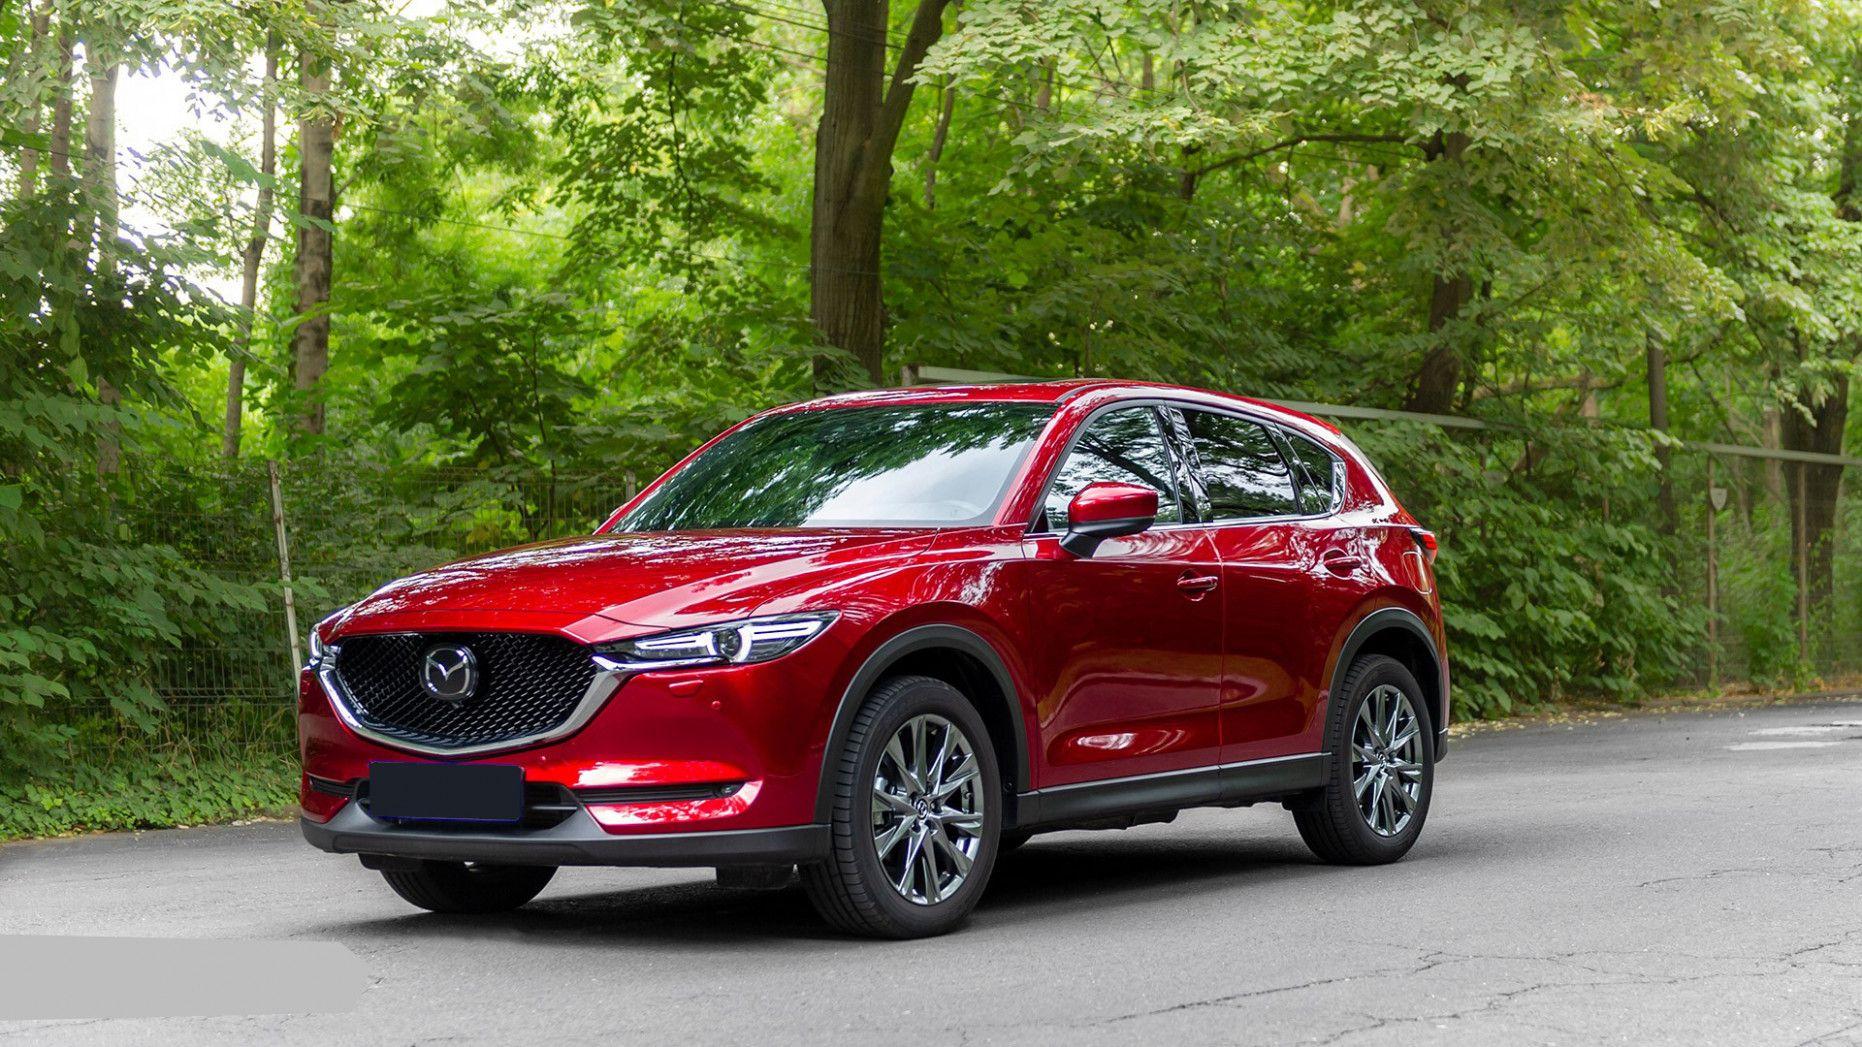 2022 Mazda Cx 5 Performance Mazda Mazda Suv Car Review